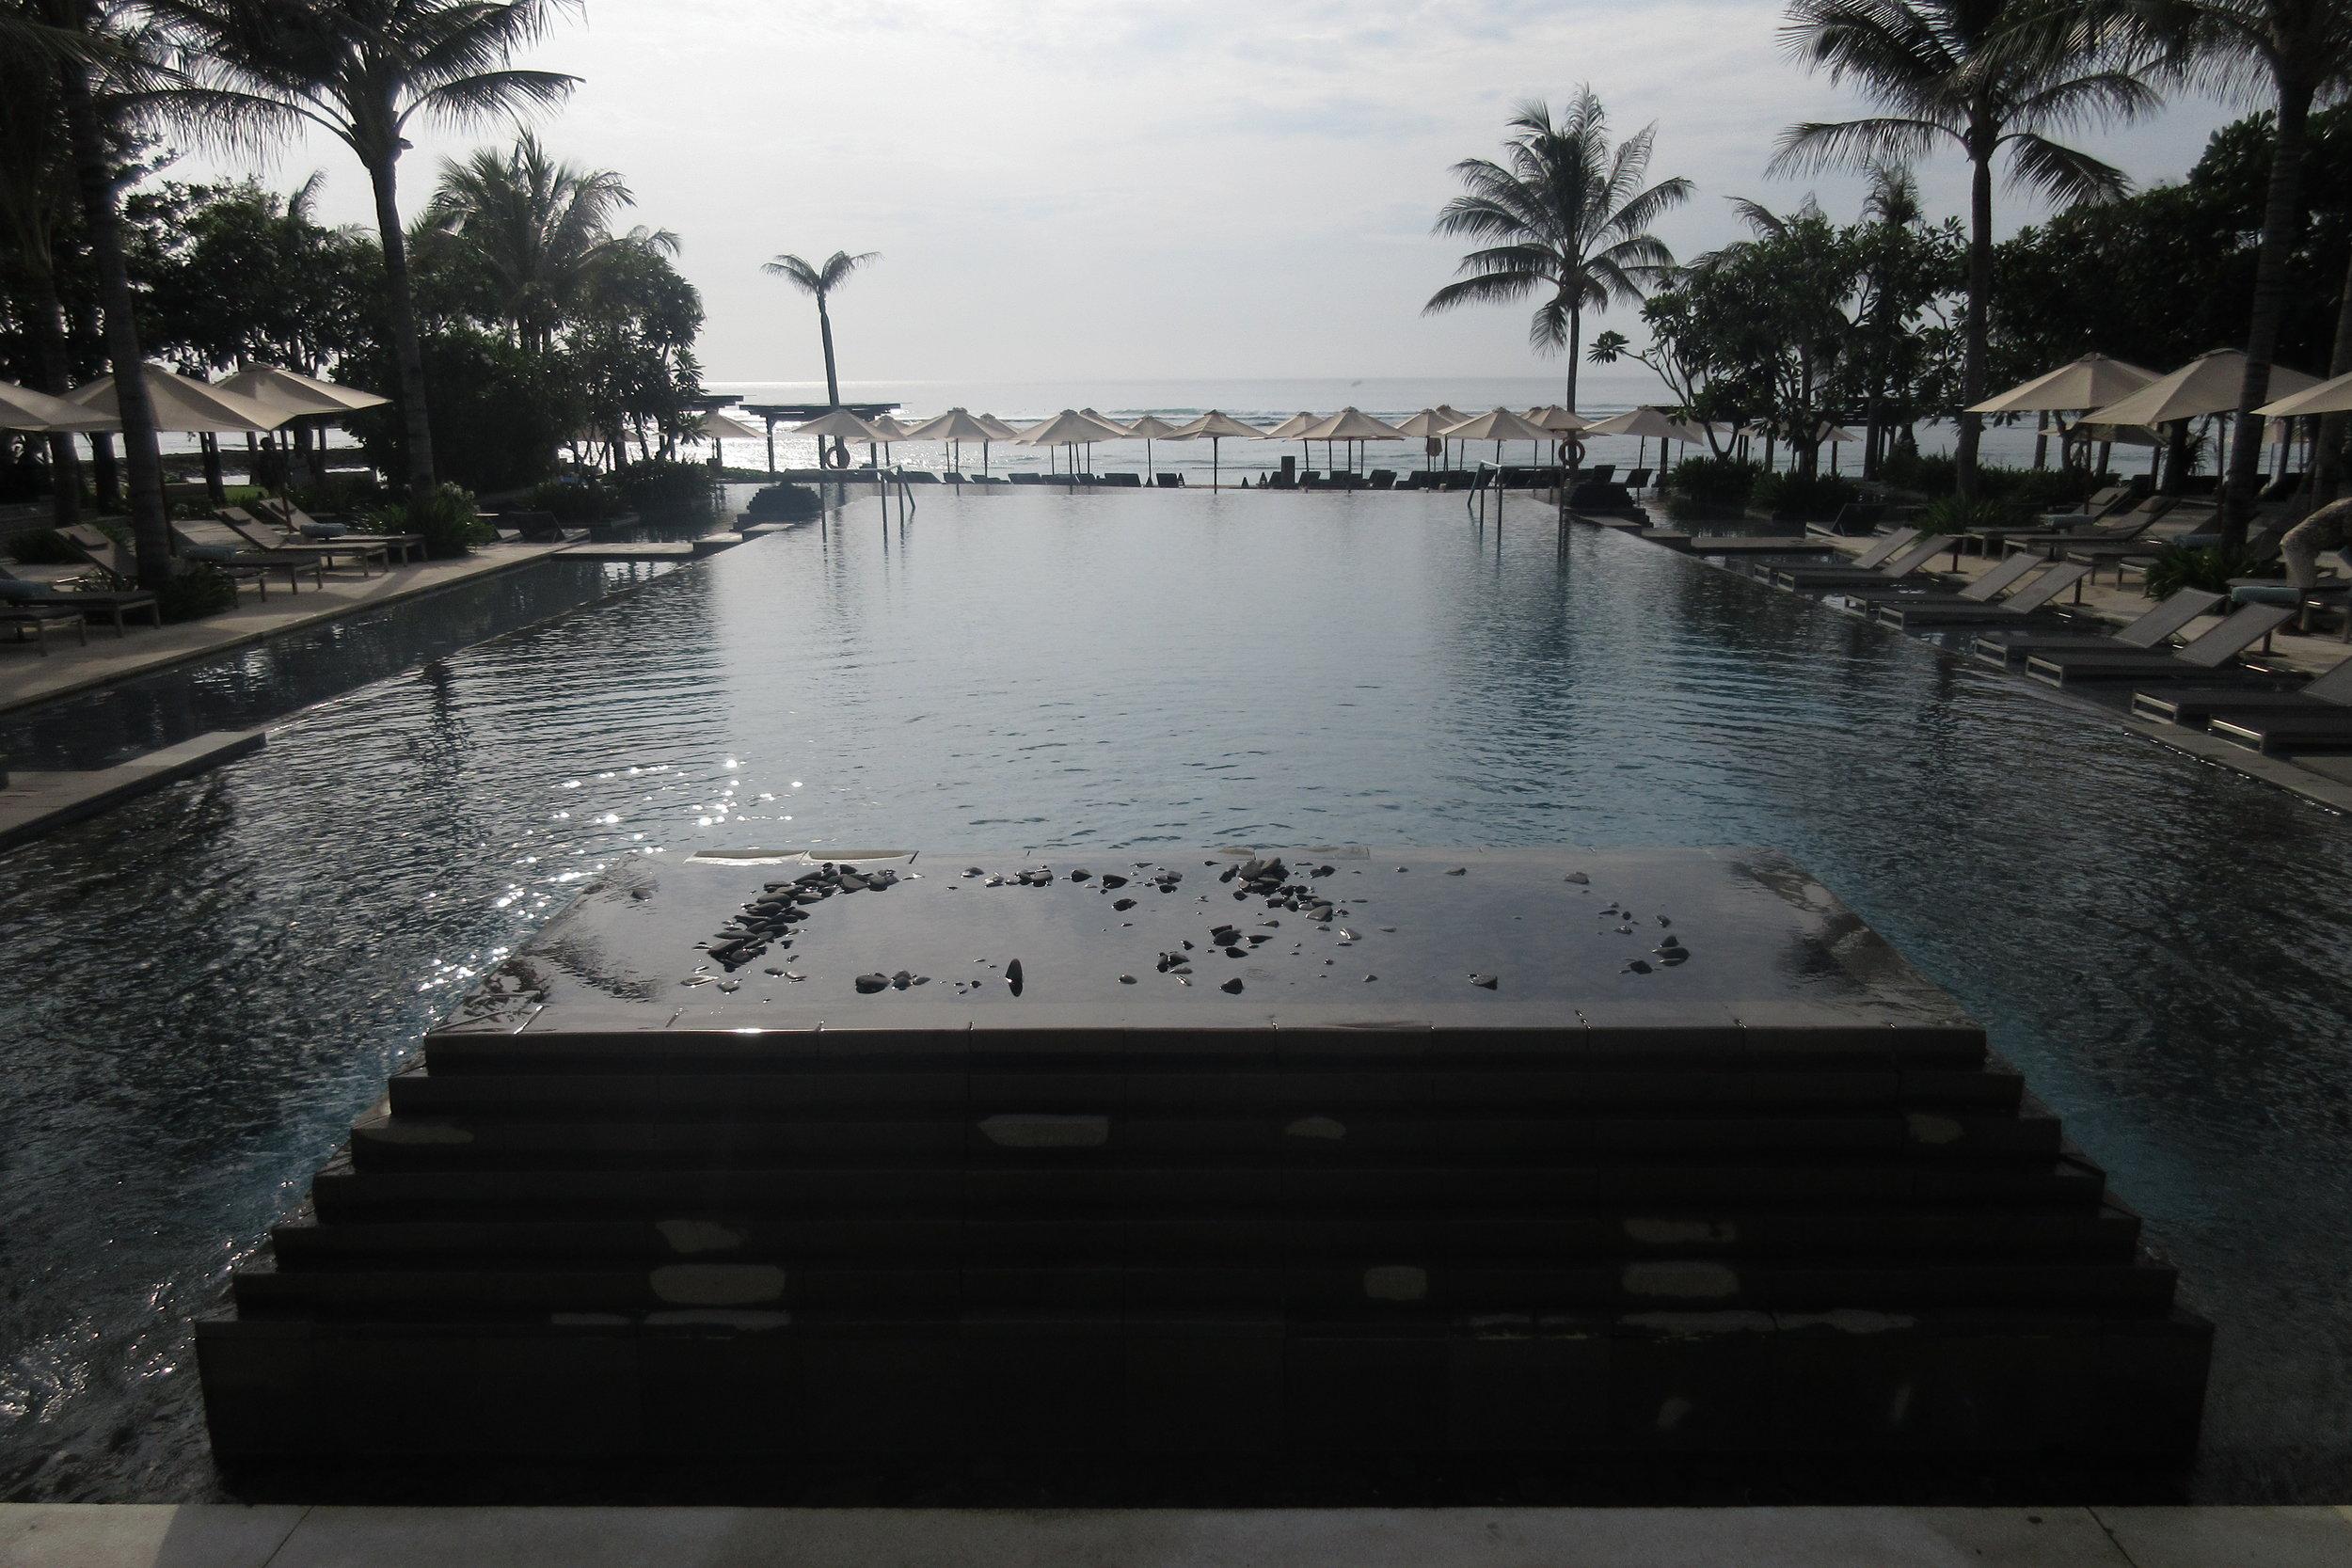 The Ritz-Carlton, Bali – Main pool area